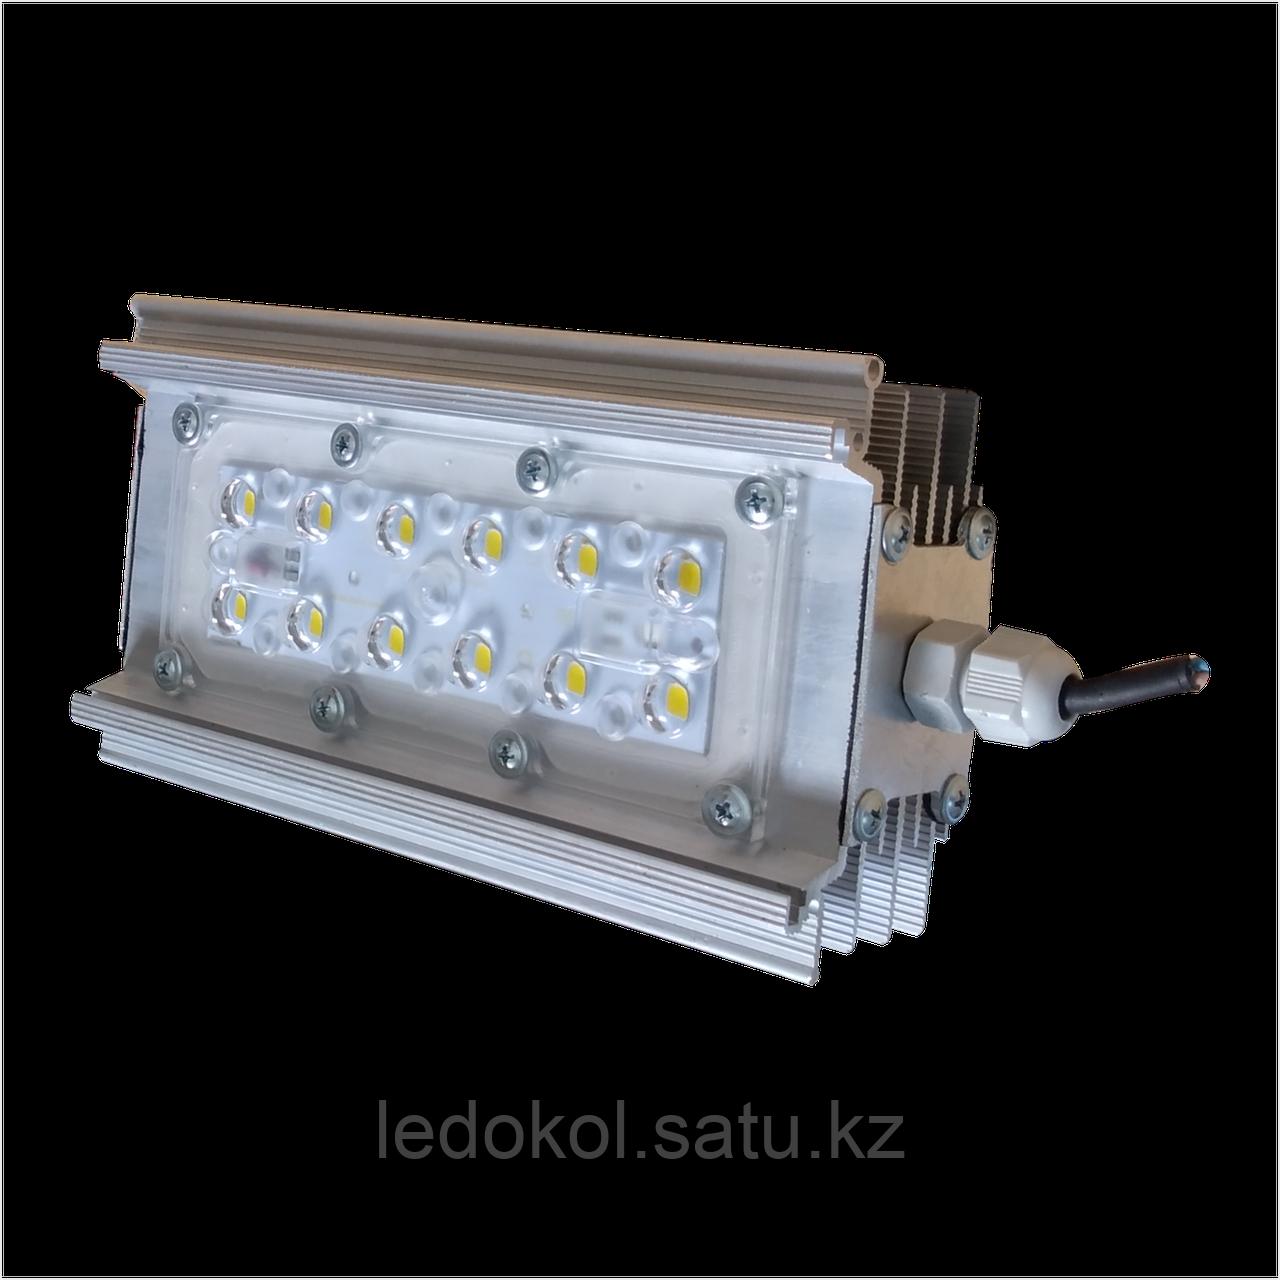 Светильник 25 Вт, Линзованный светодиодный